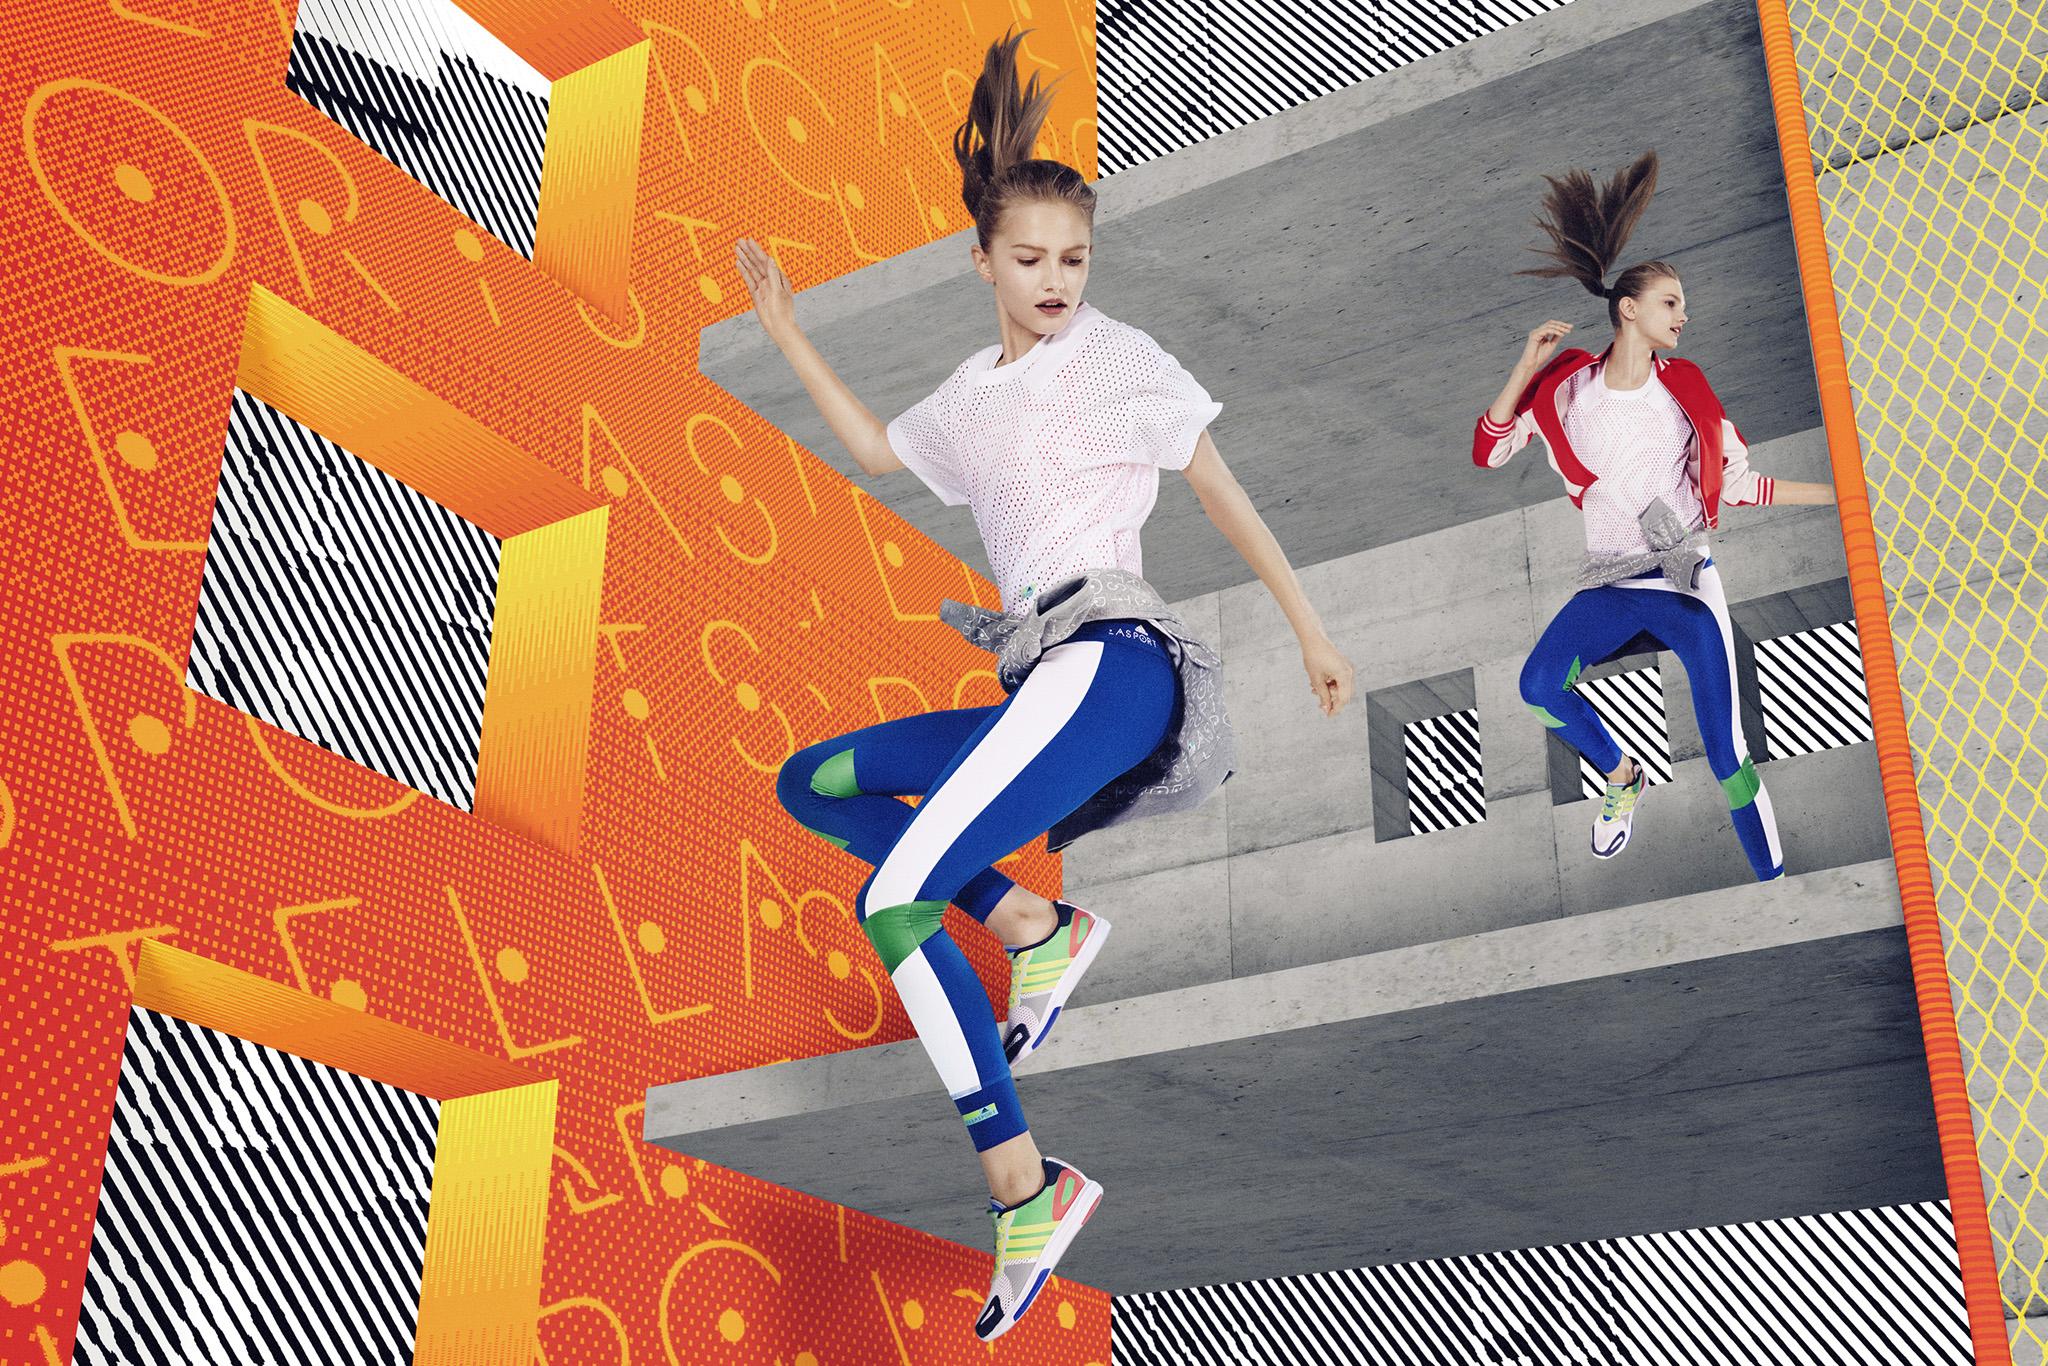 adidas_StellaSport_SS15_02_300dpi.jpg